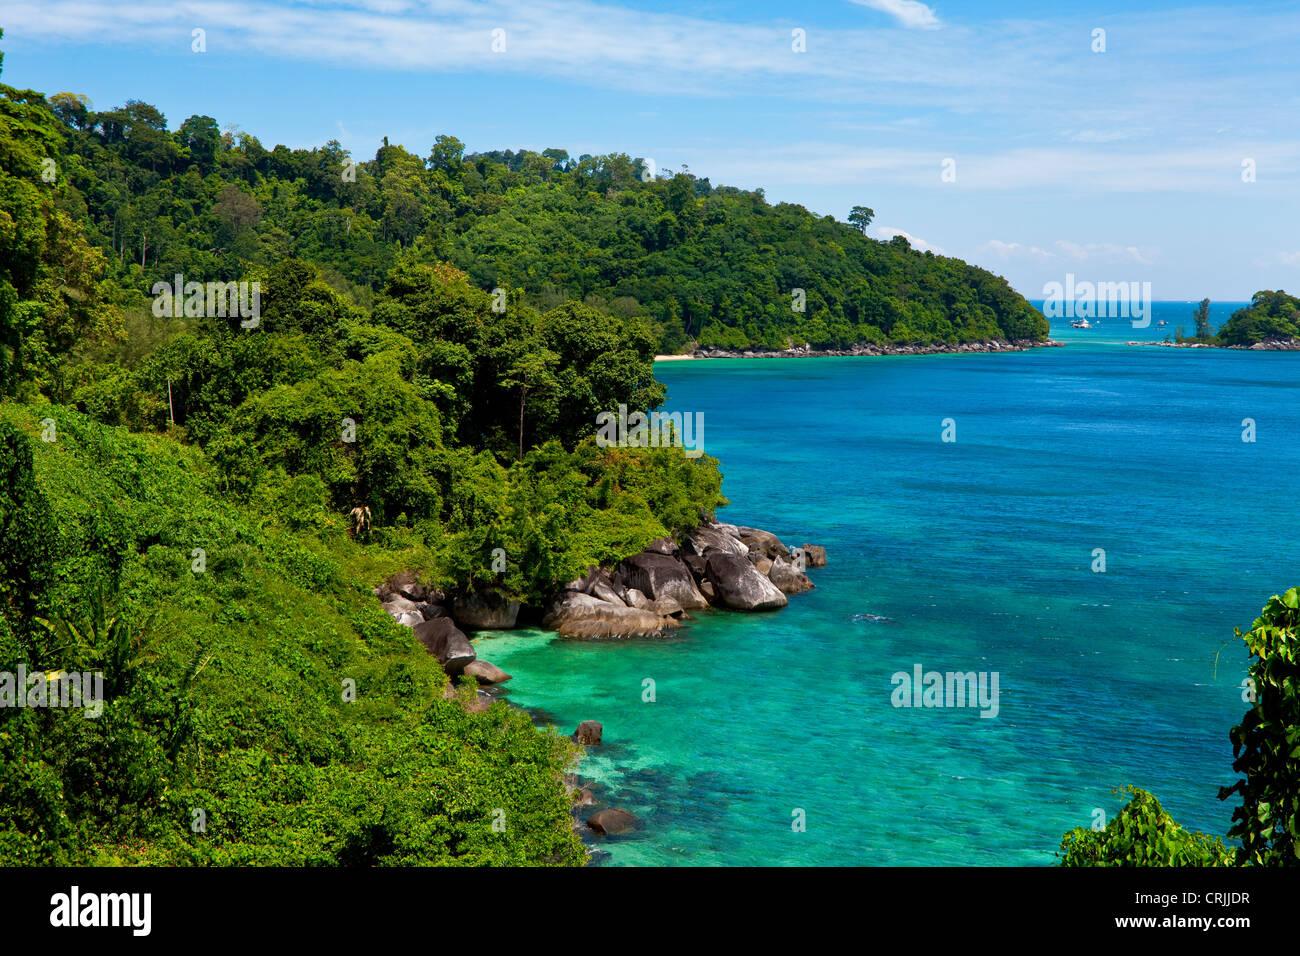 Tioman Island in South China sea, Malaysia - Stock Image